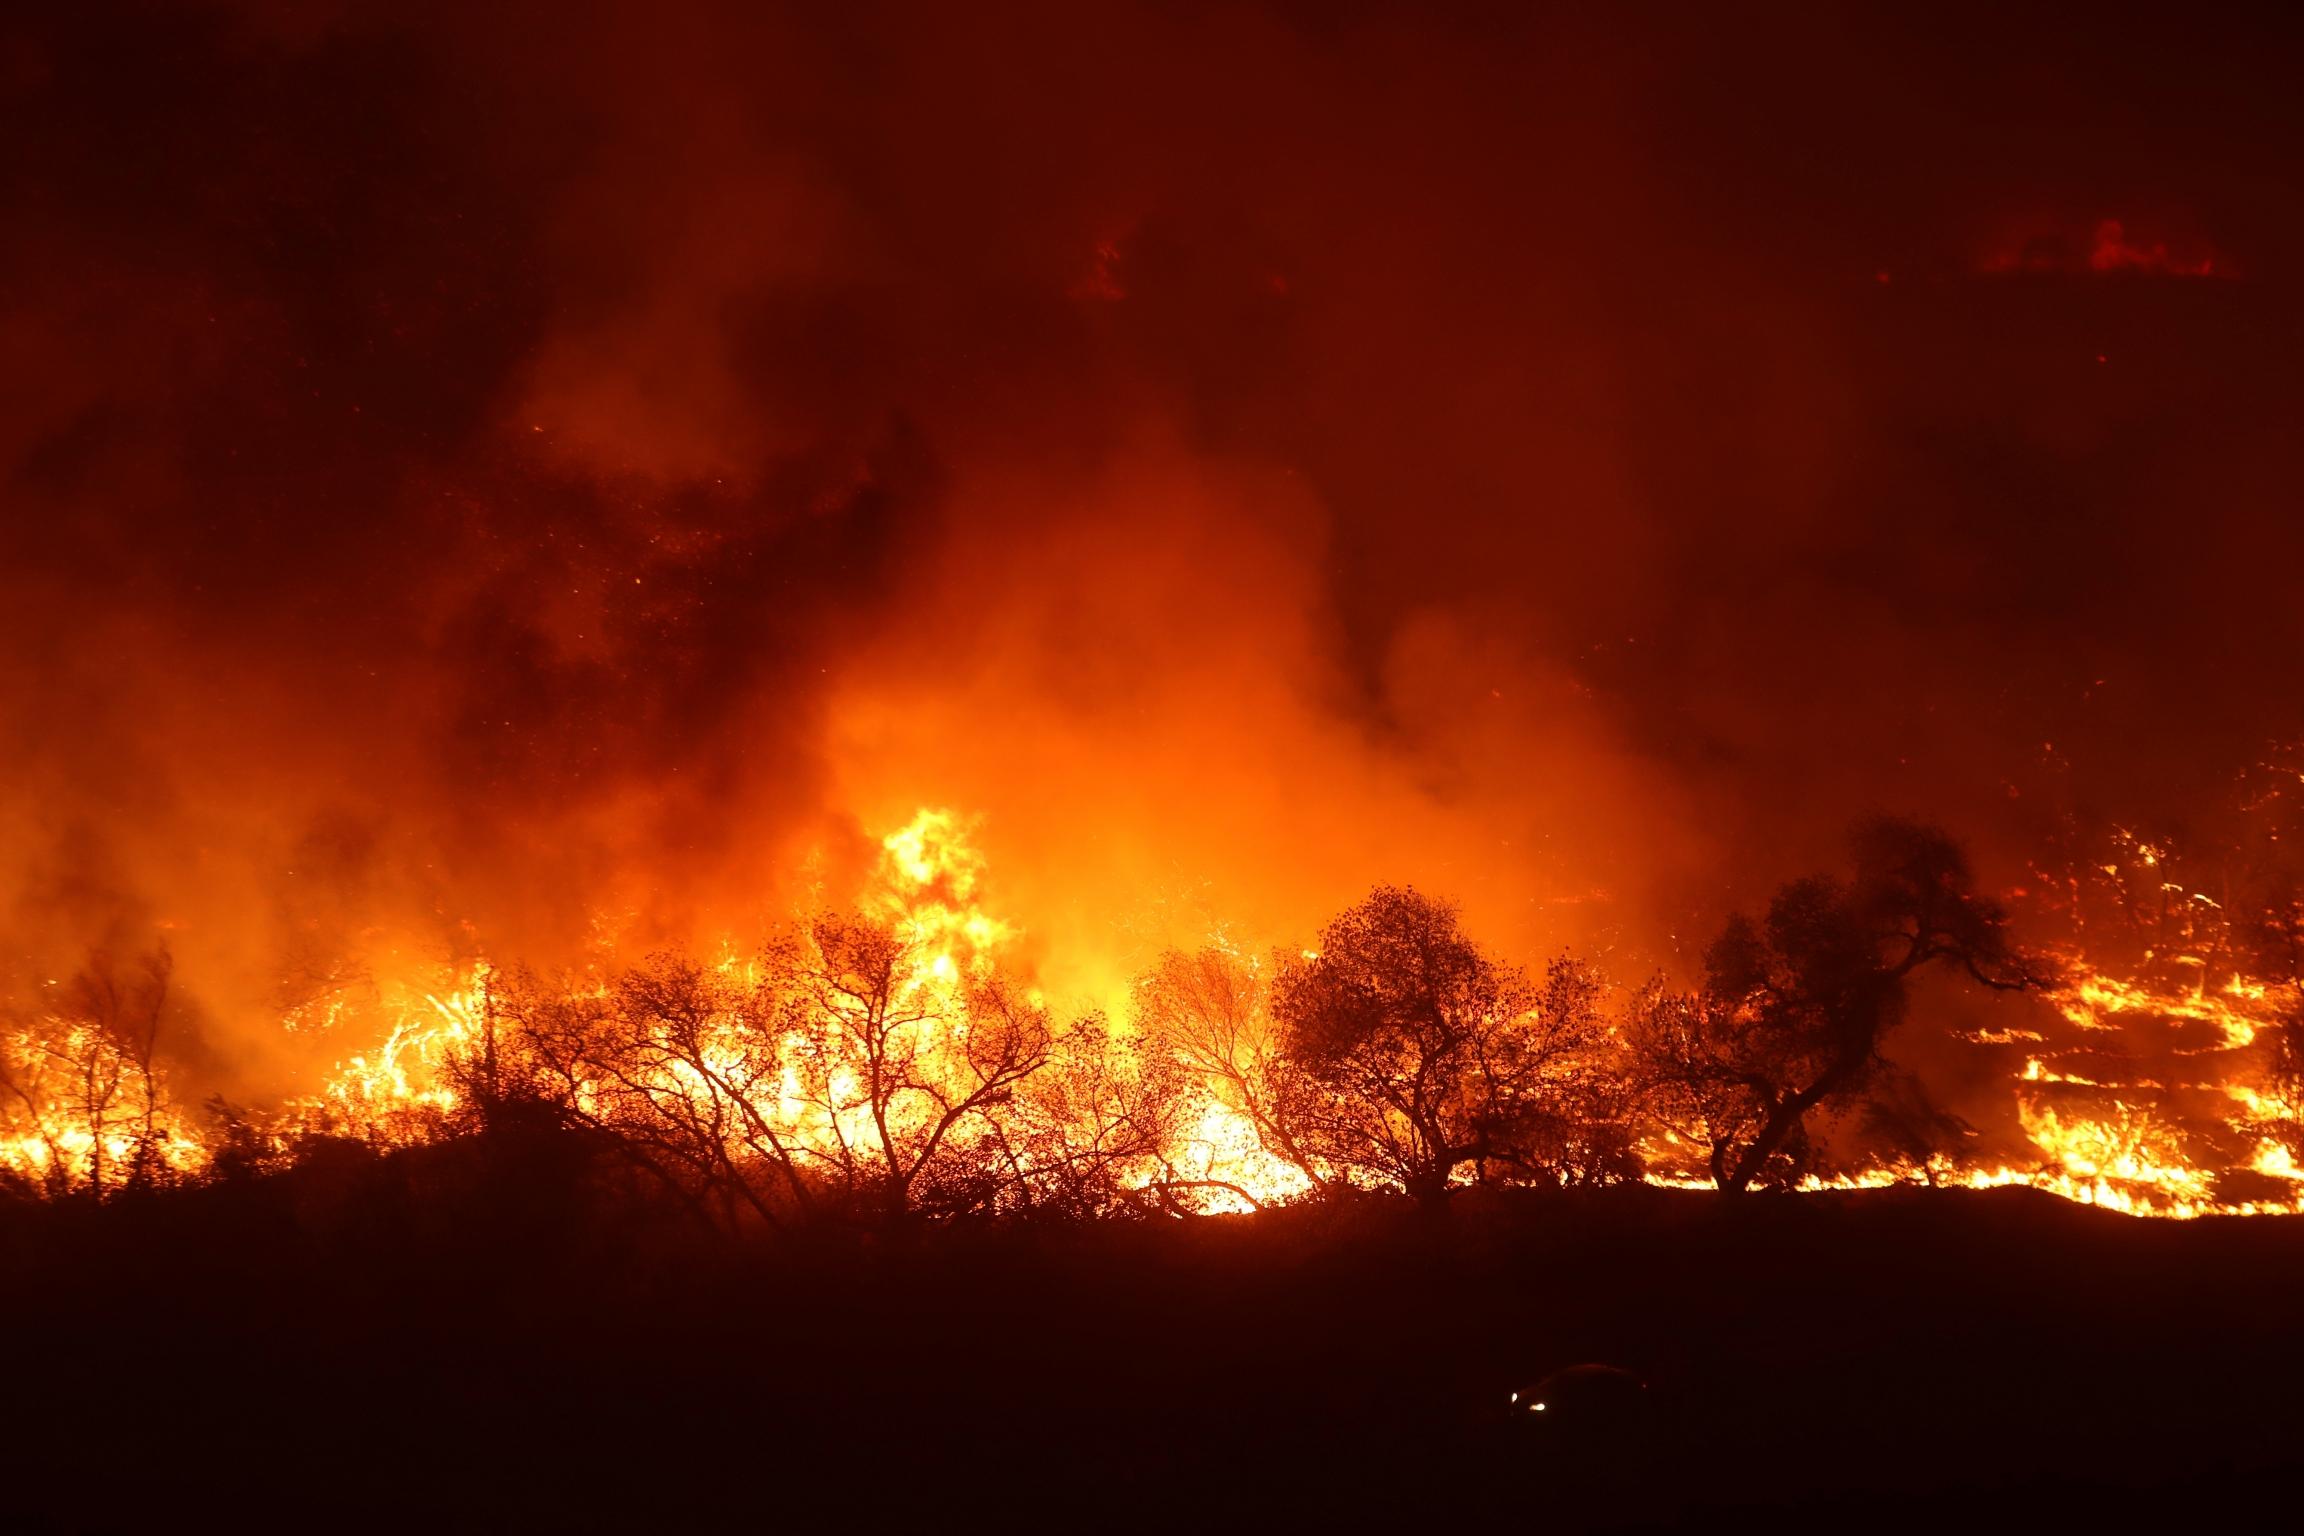 Massive red and orange wild fire